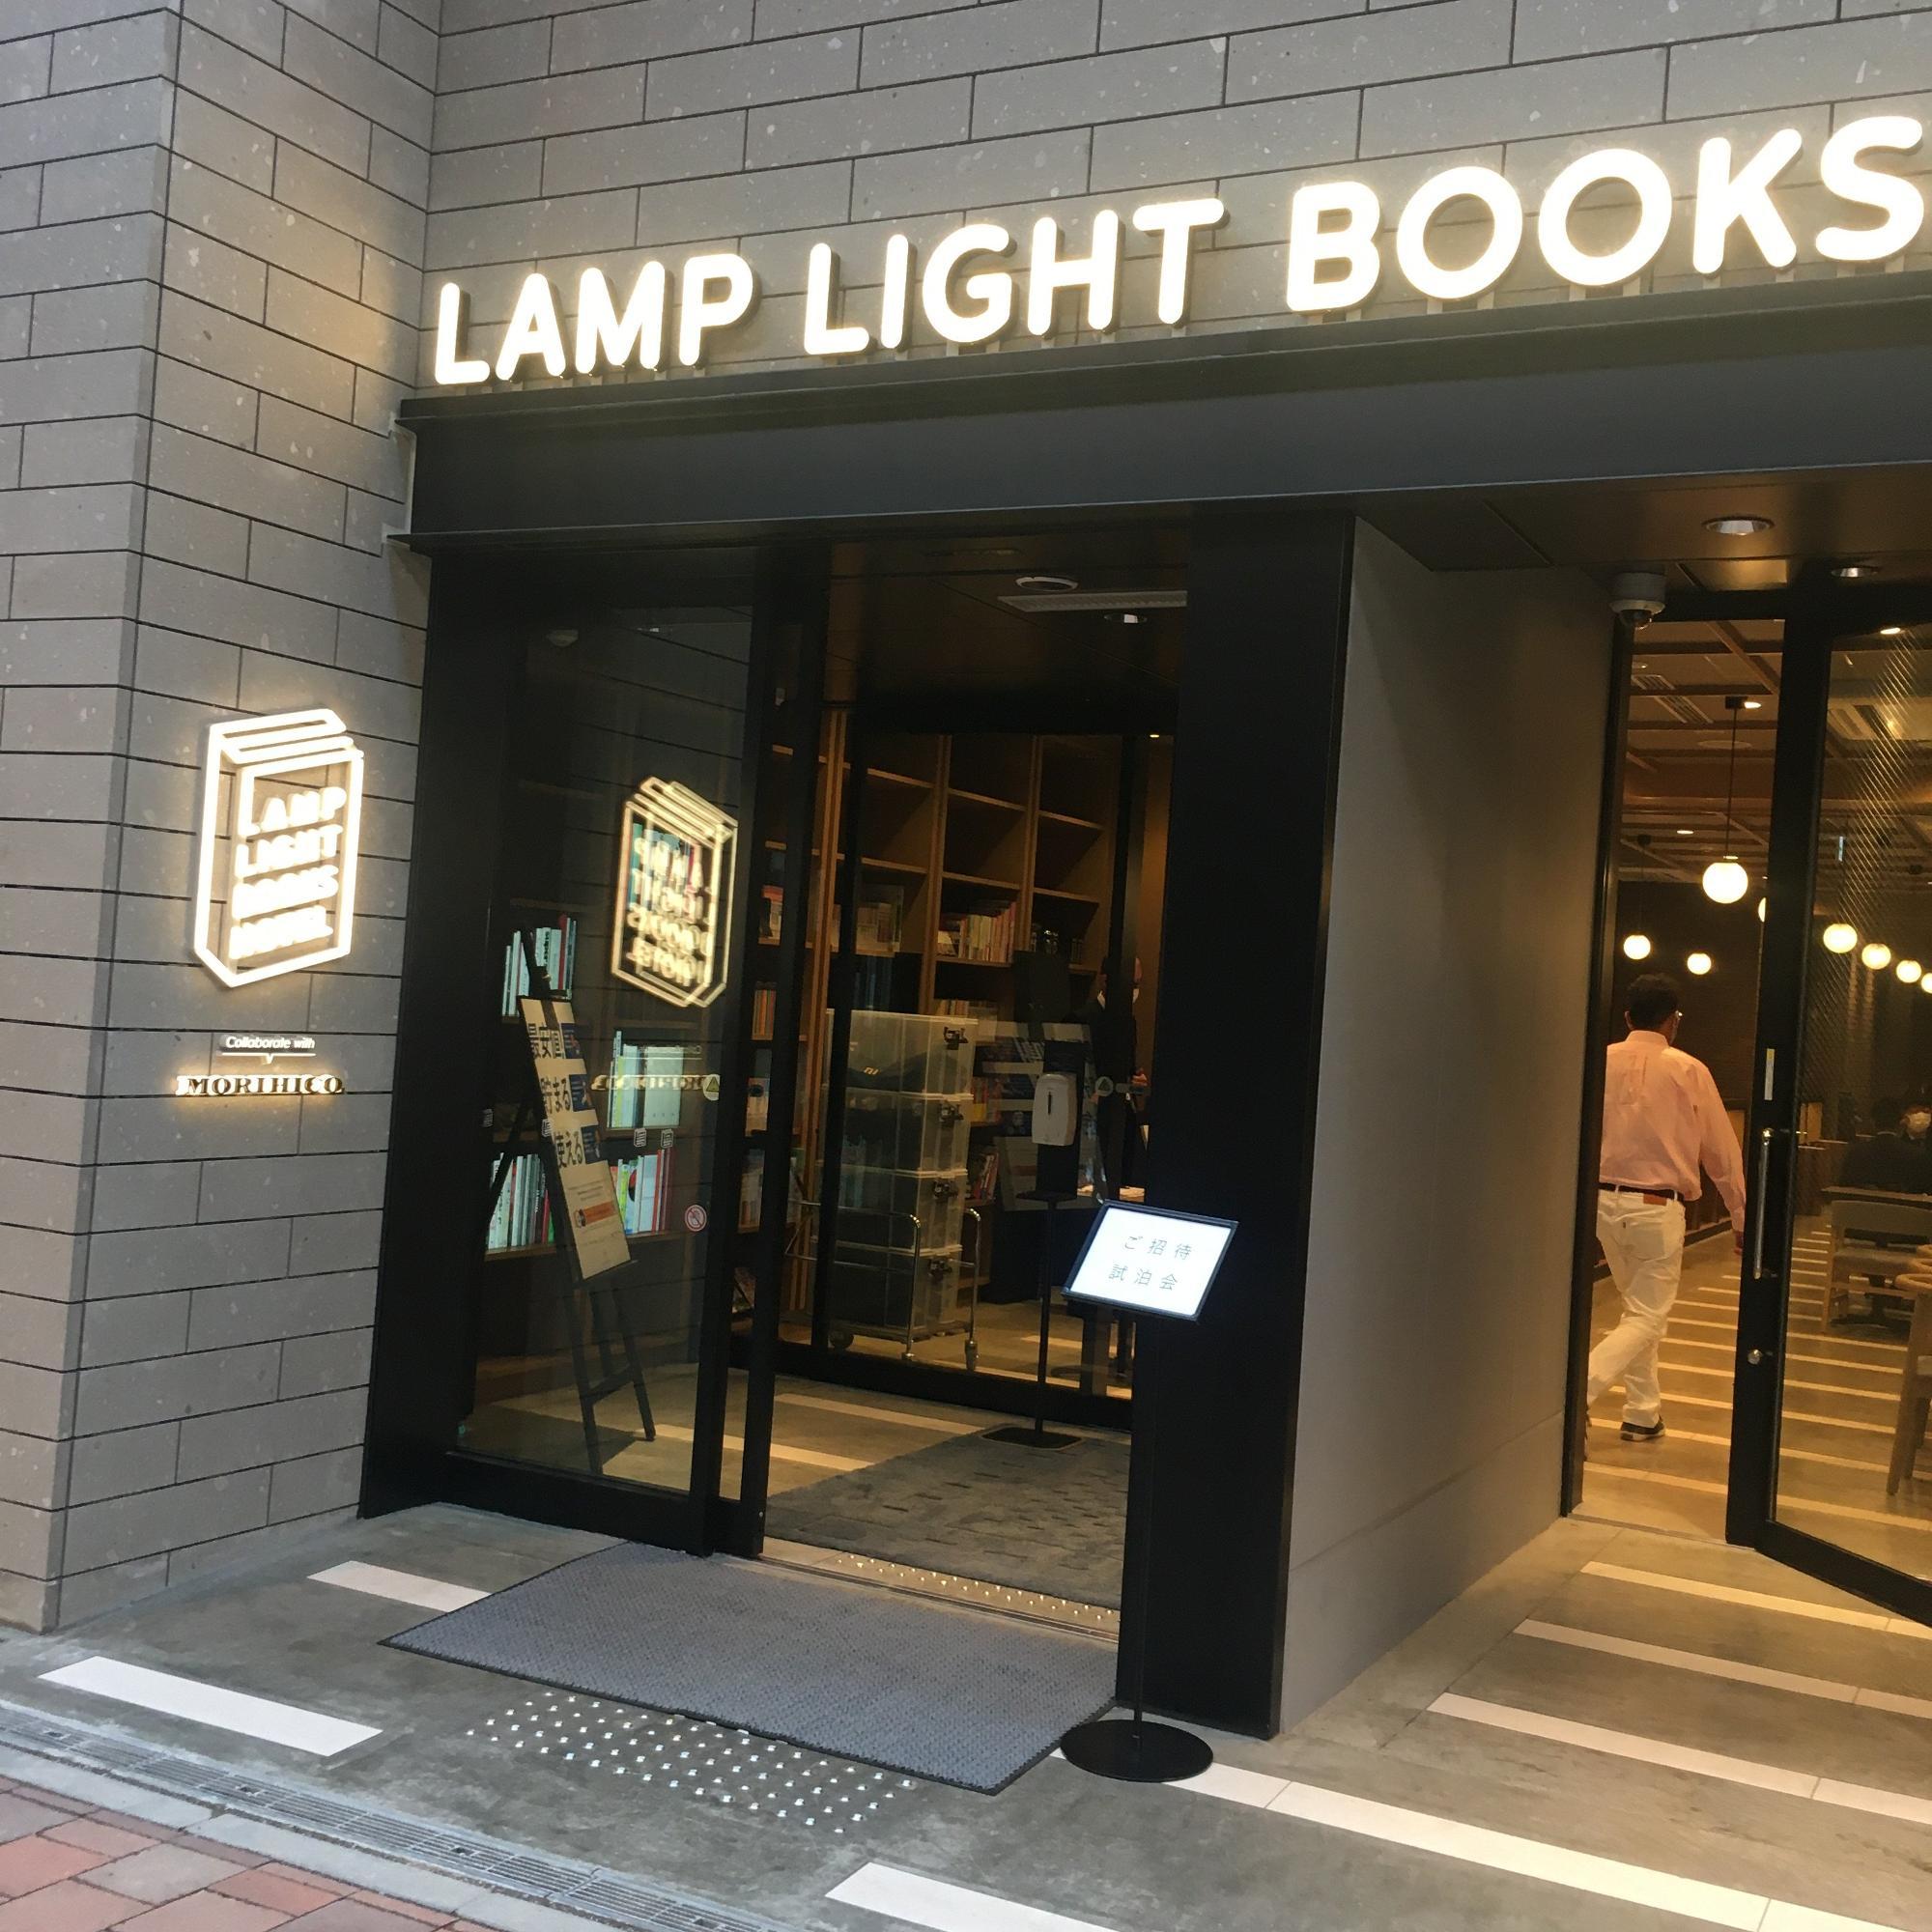 本の形をしたロゴがかわいい! 後ほどご紹介しますが、1階のブックカフェでは「MORIHICO.」のコーヒーが飲めるんですよ